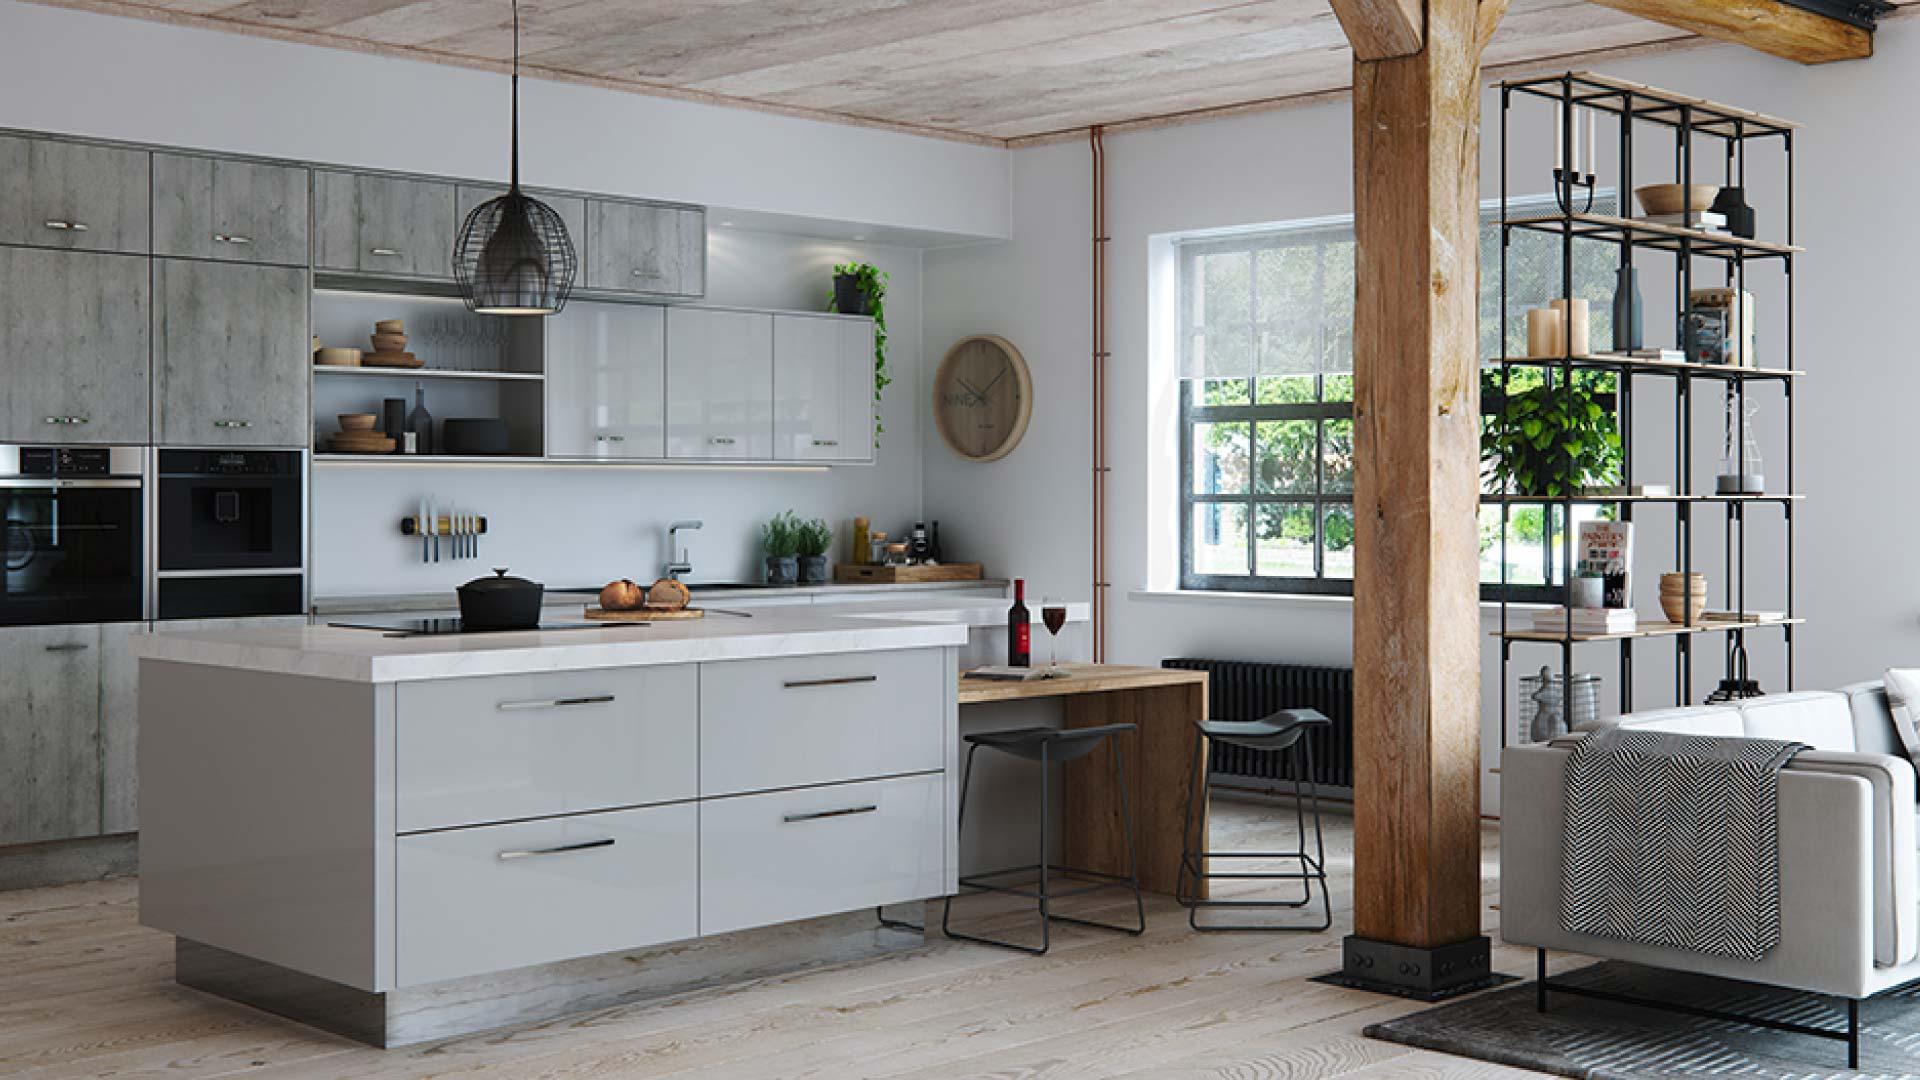 D32-Kitchen-Design-and-Installation-11